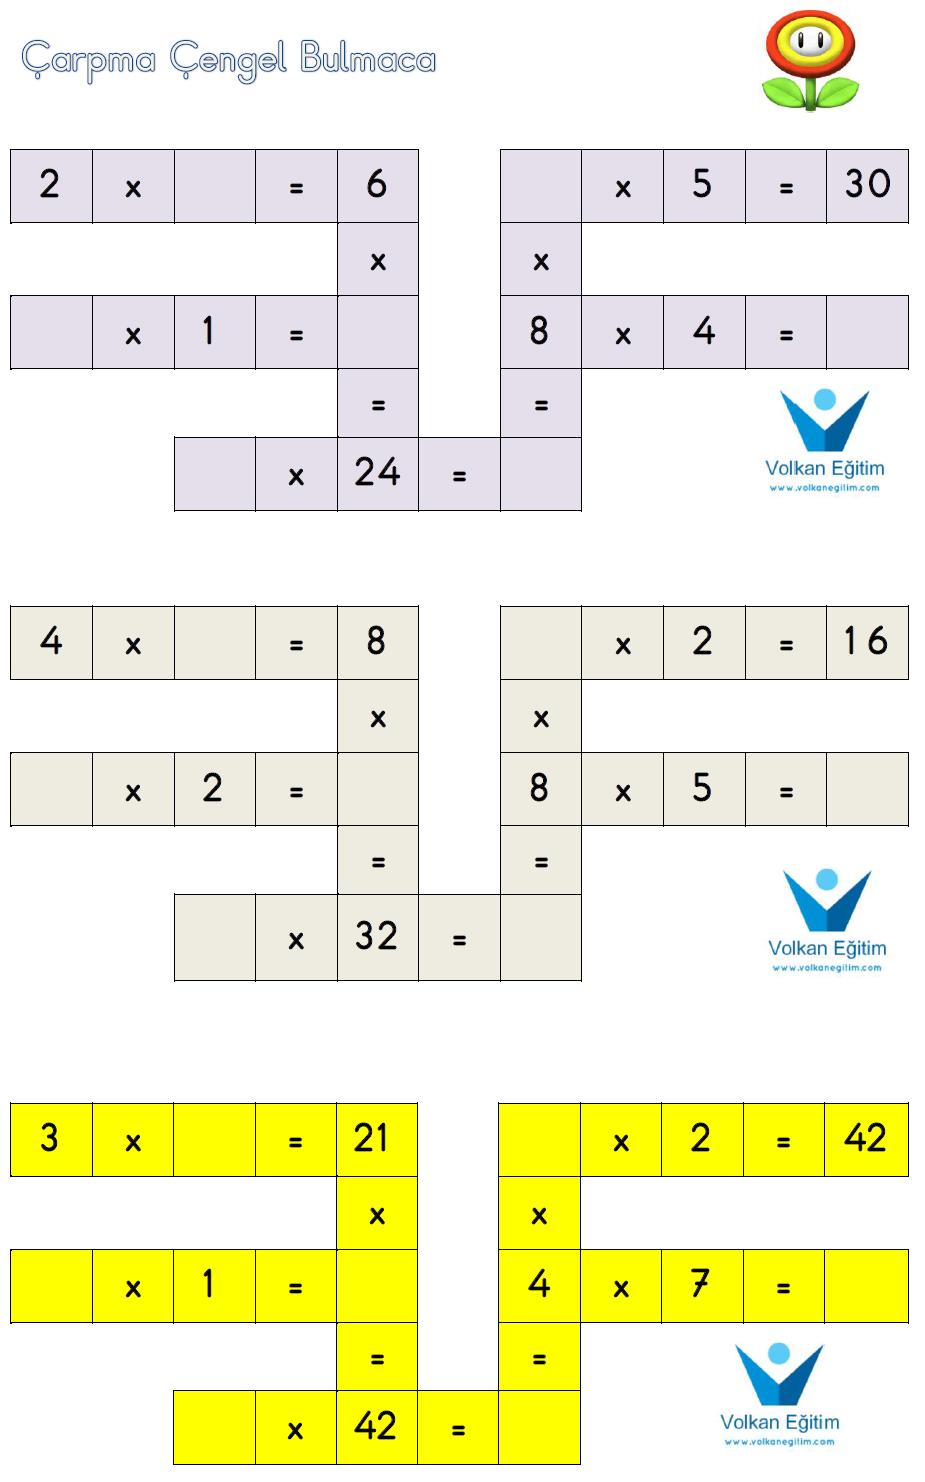 3 Sınıf Matematik Etkinlik Ve çalışma Kağıtları çarpma çengel